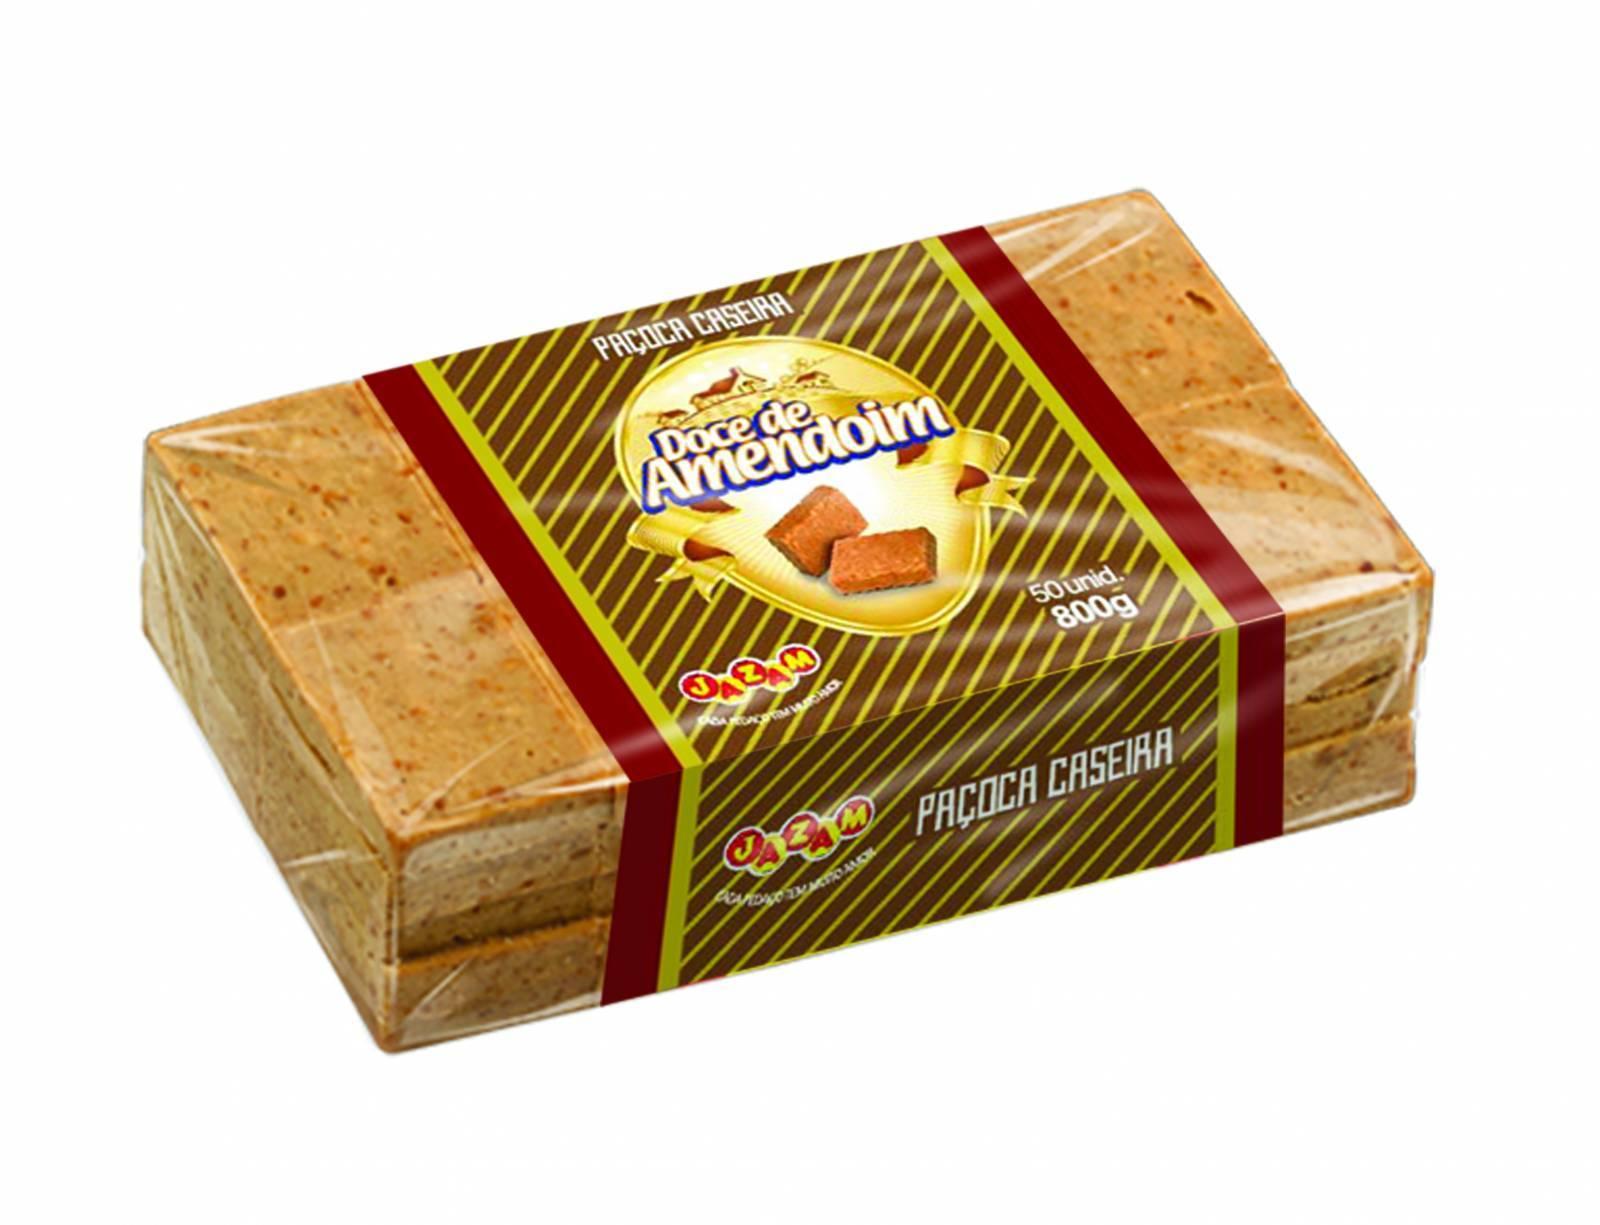 Paçoca Caseira Pacote 800g - Jazam Alimentos